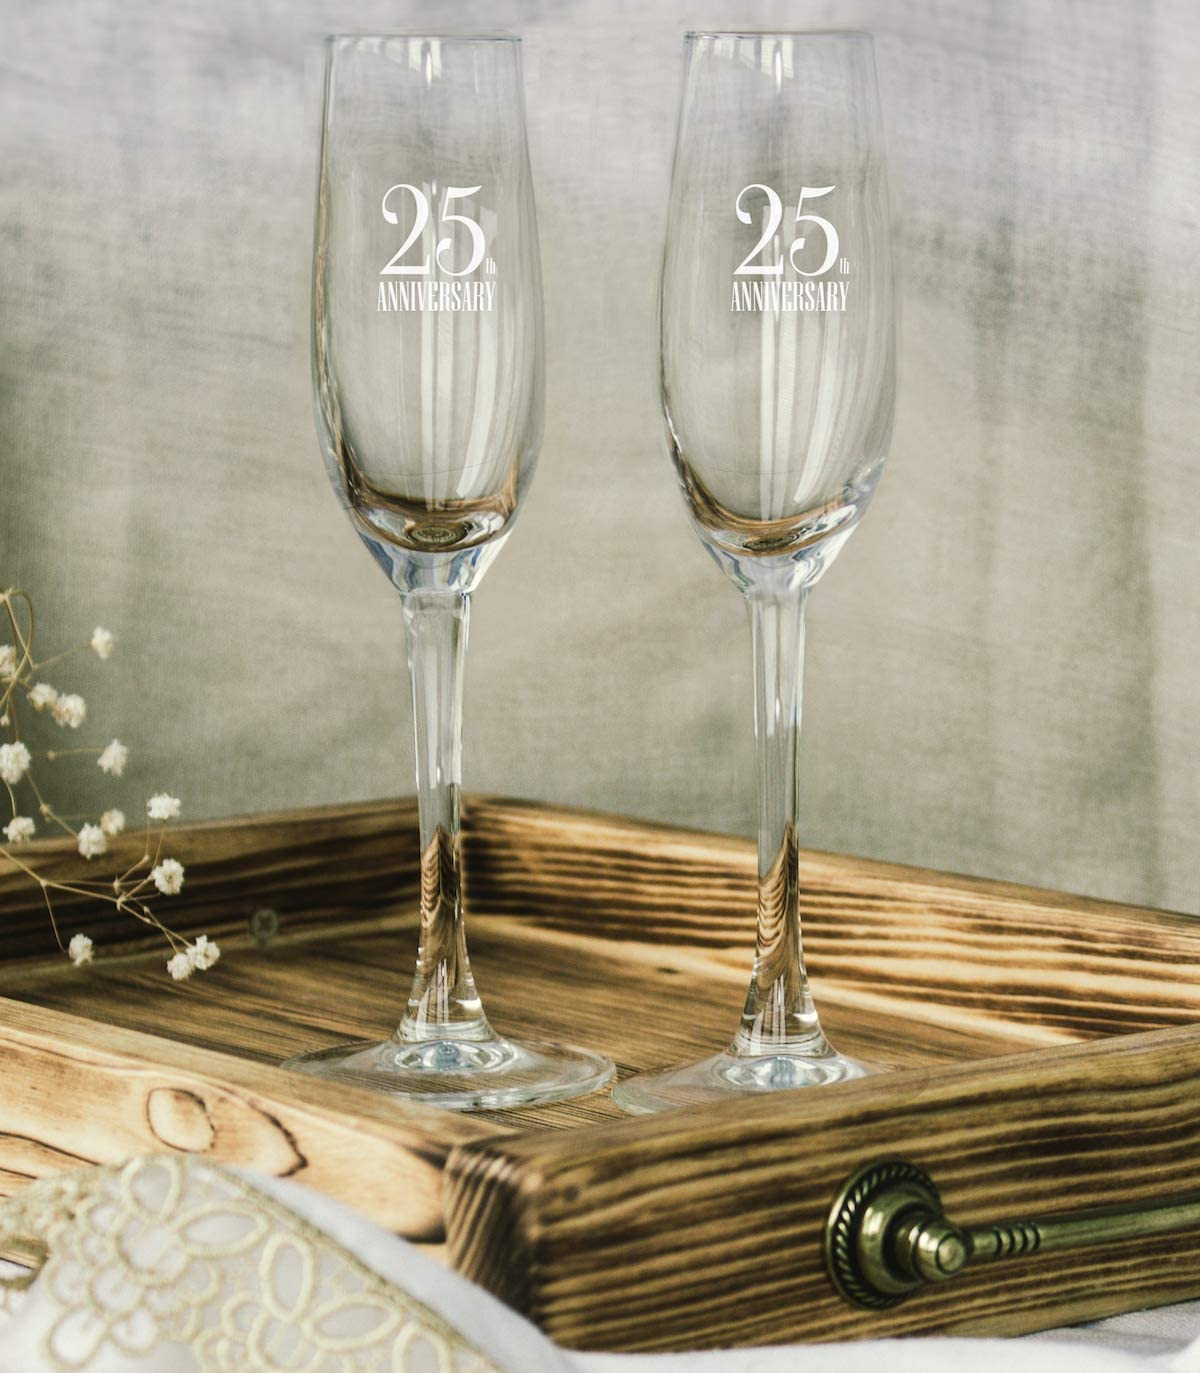 Favours profumatore Glass Bears Couple and Box Wedding Anniversary